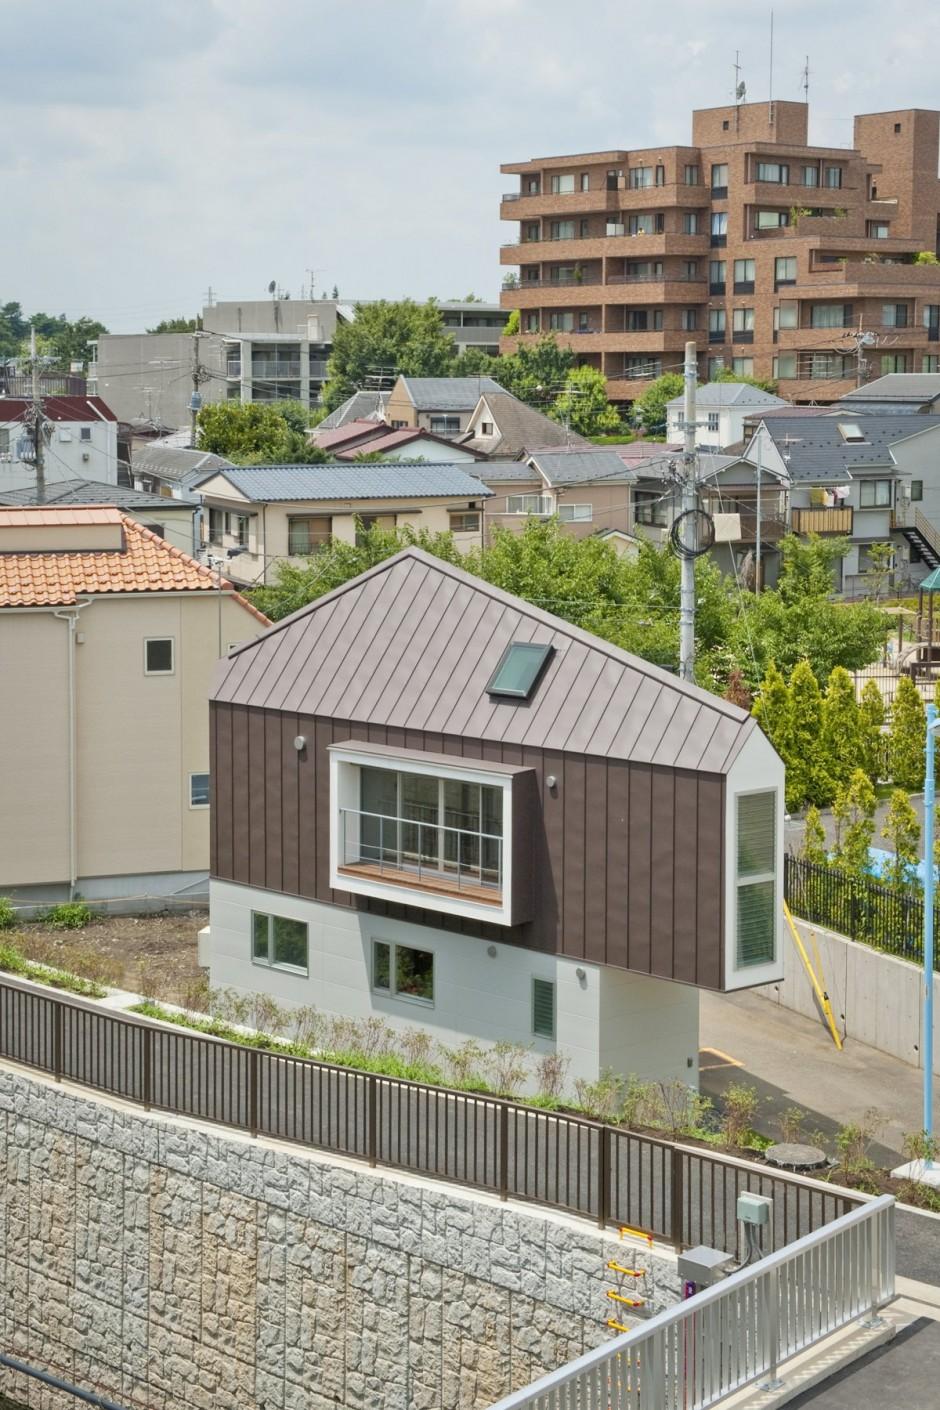 River Side House in Horinouchi Outside